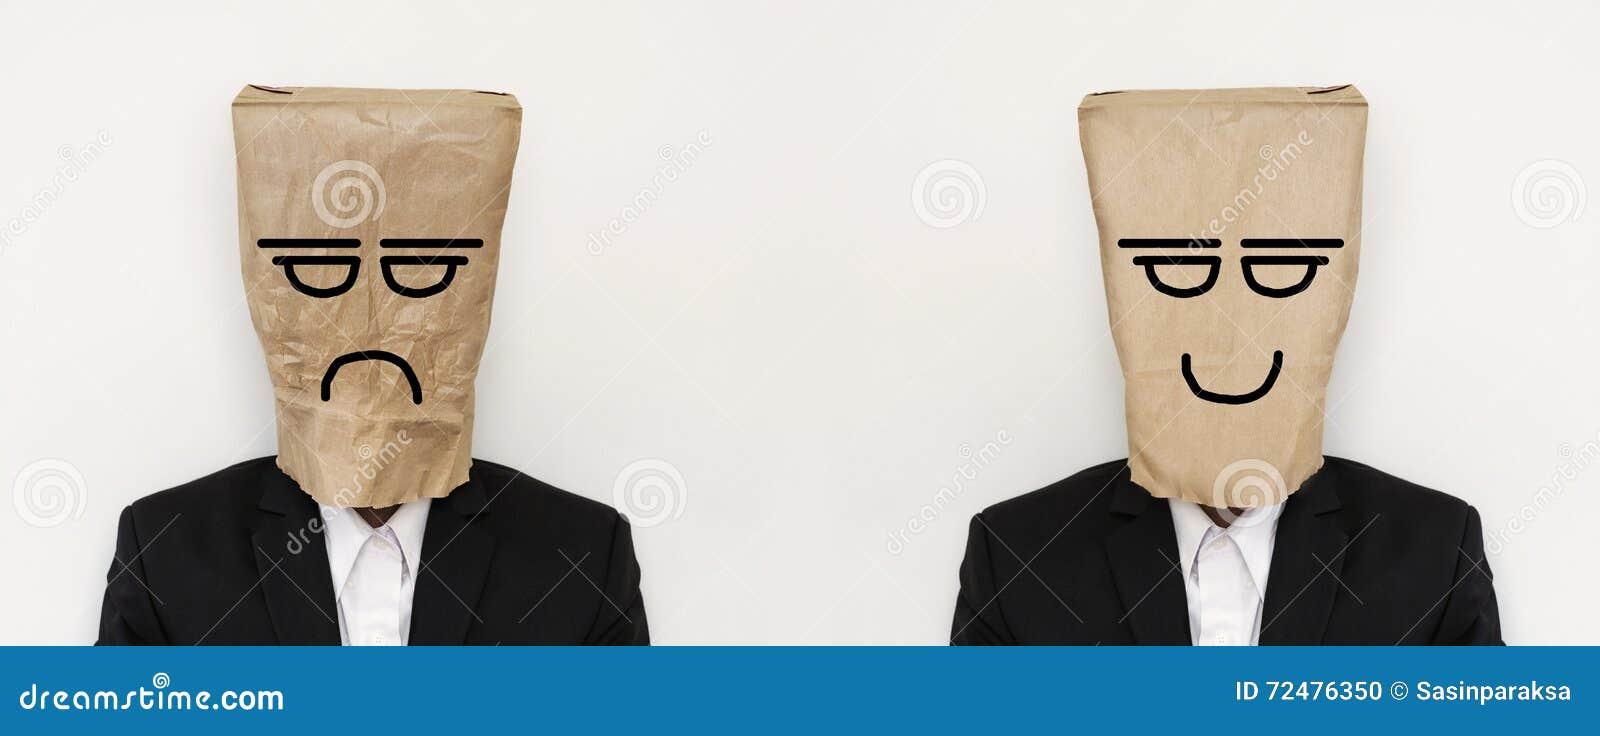 O homem de negócios com o saco de papel amarrotado com raiva furou a cara, e o saco de papel liso com cara de sorriso